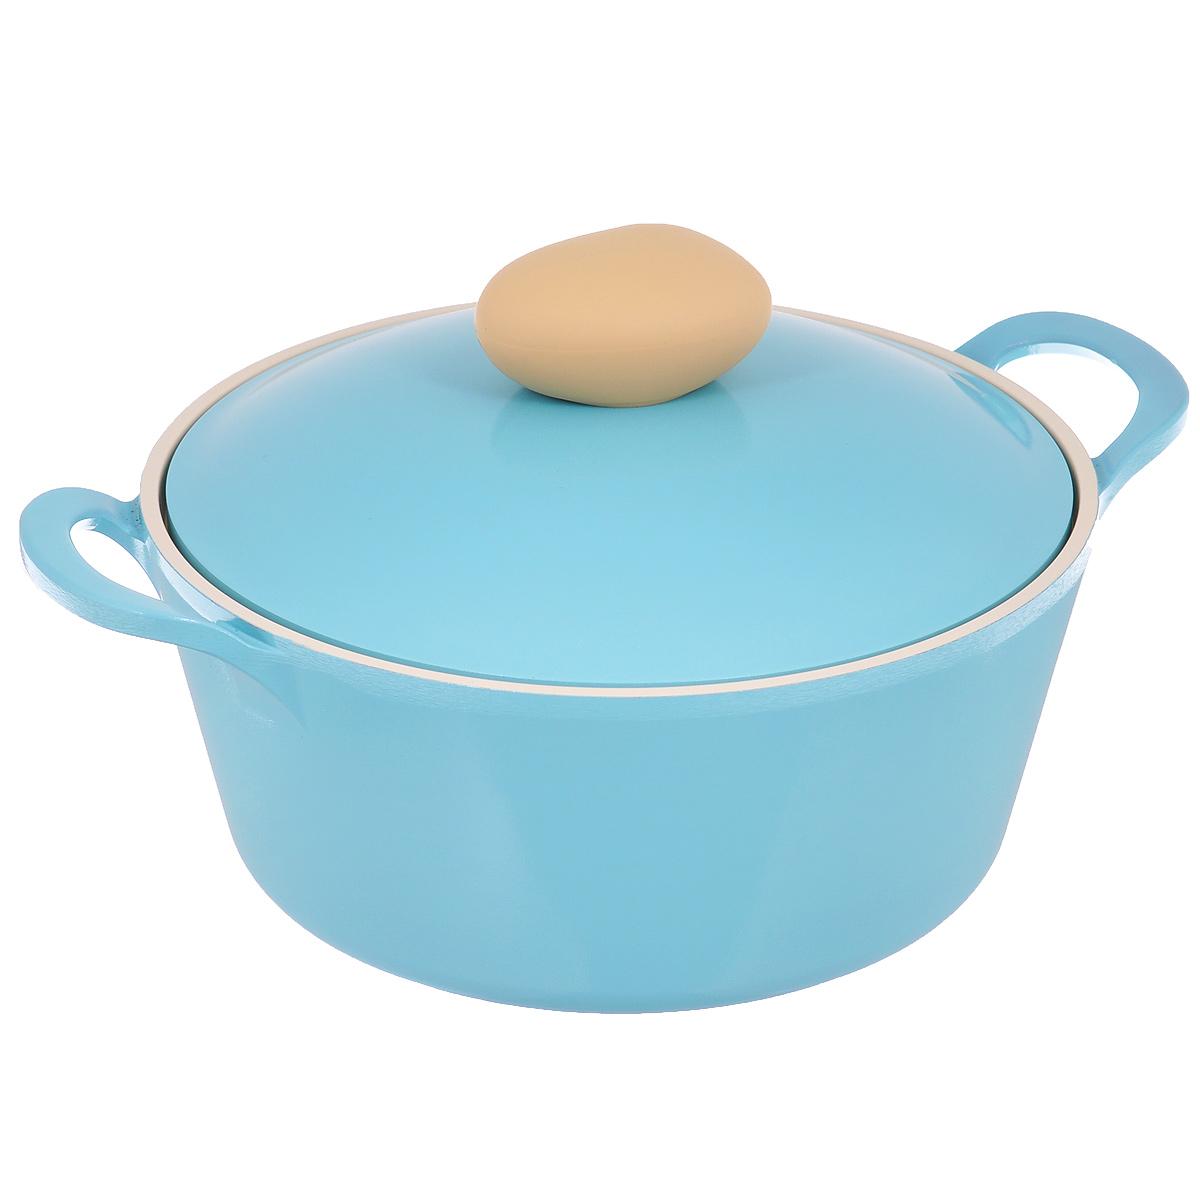 Кастрюля Frybest Round с крышкой, с керамическим покрытием, цвет: голубой, 2,8 лROUND C22-BКастрюля Frybest Round выполнена из алюминия с внутренним и внешним керамическим покрытием Ecolon Superior. Такое покрытие устойчиво к повреждениям и не содержит вредных компонентов, так как изготовлено из натуральных материалов. Кастрюля оснащена удобными литыми алюминиевыми ручками и крышкой с пароотводом и прорезиненной ручкой из высококачественного пластика. Коллекция Round - это сочетание непревзойденного качества и элегантности. Ключевые преимущества: - Литой алюминиевый корпус хорошо проводит тепло и равномерно нагревается, обеспечивая наиболее эффективное приготовление пищи, - Крепления ручек не имеют заклепок на внутренней стороне посуды, - Внешнее и внутреннее покрытие устойчиво к царапинам и повреждениям, - Покрытие абсолютно нейтрально и не вступает в реакцию с пищей, - Легко моется, - Утолщенное дно для лучшего распространения тепла и экономии энергии, - Благодаря равномерно прогревающейся алюминиевой...